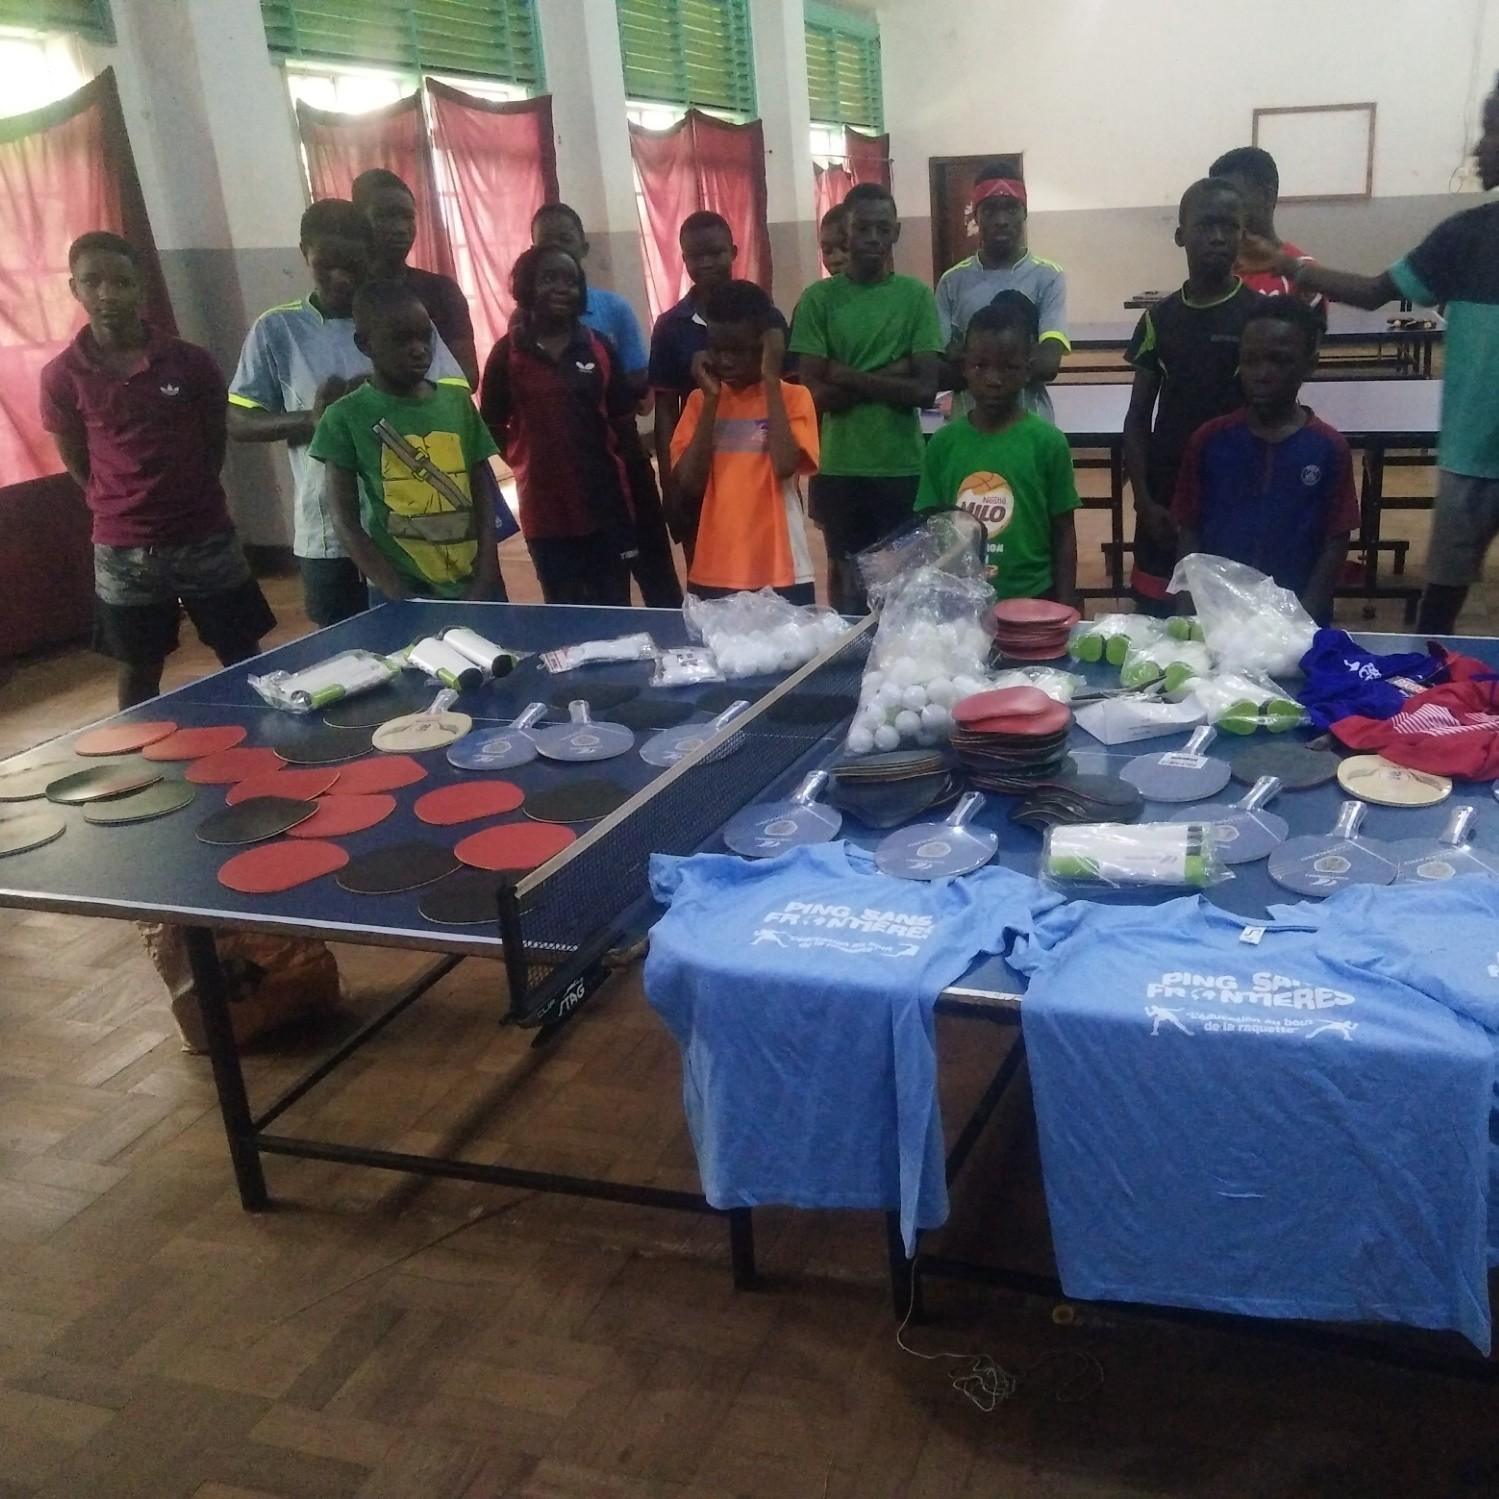 Equipment donation in Uganda